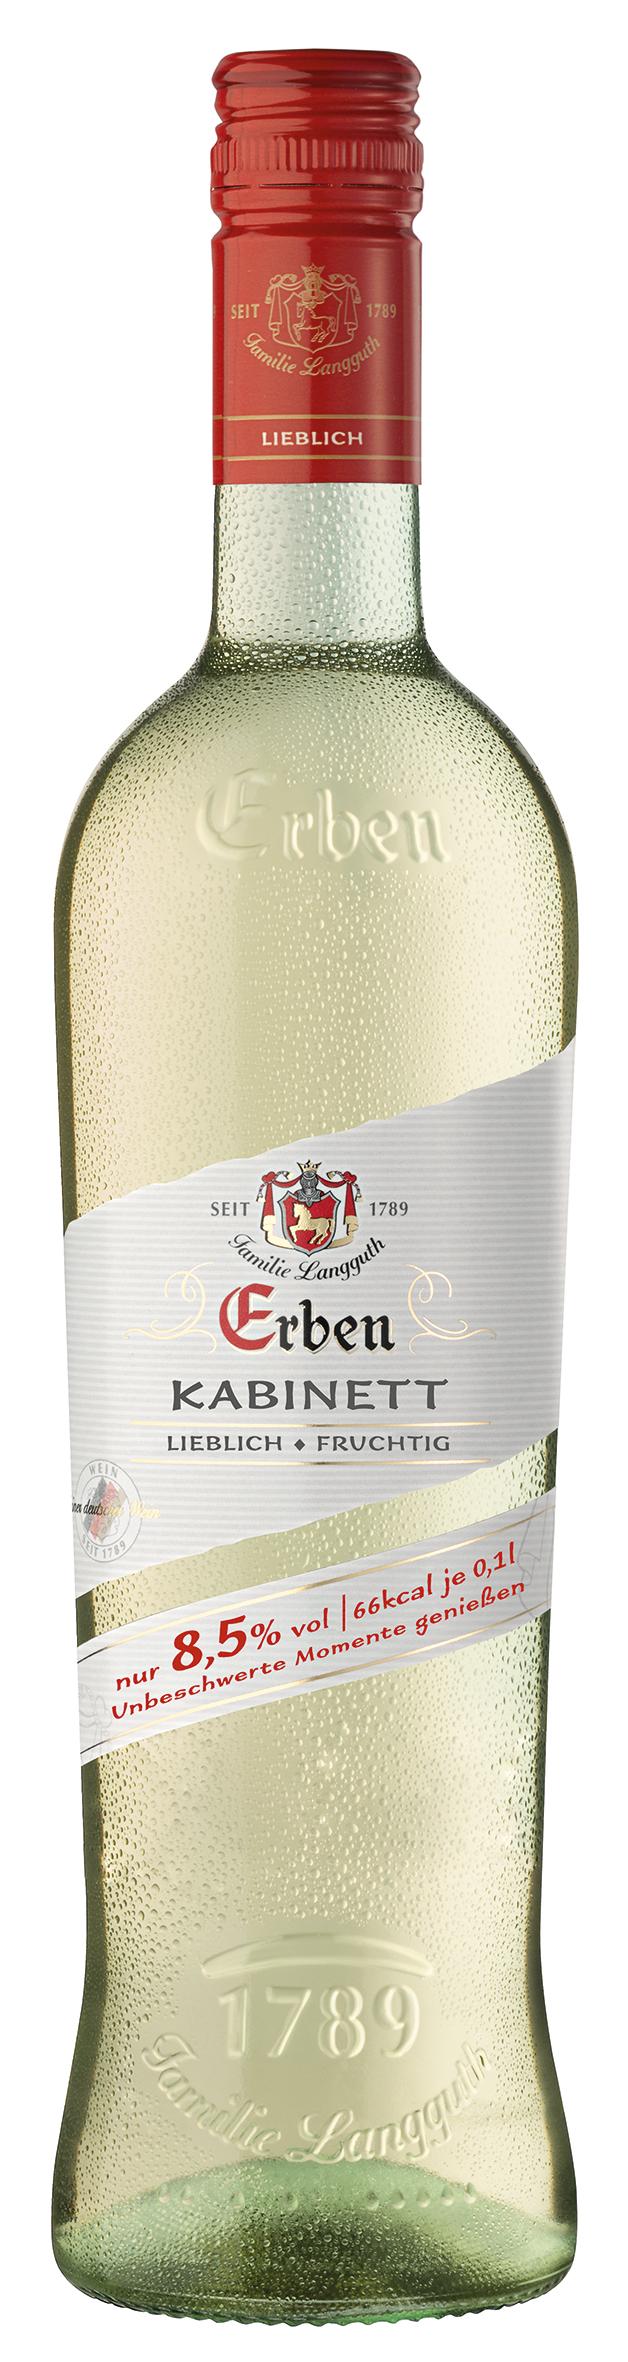 Erben Kabinett Prädikatswein Rheinhessen 12,12 l 12,12 Liter Franz ...